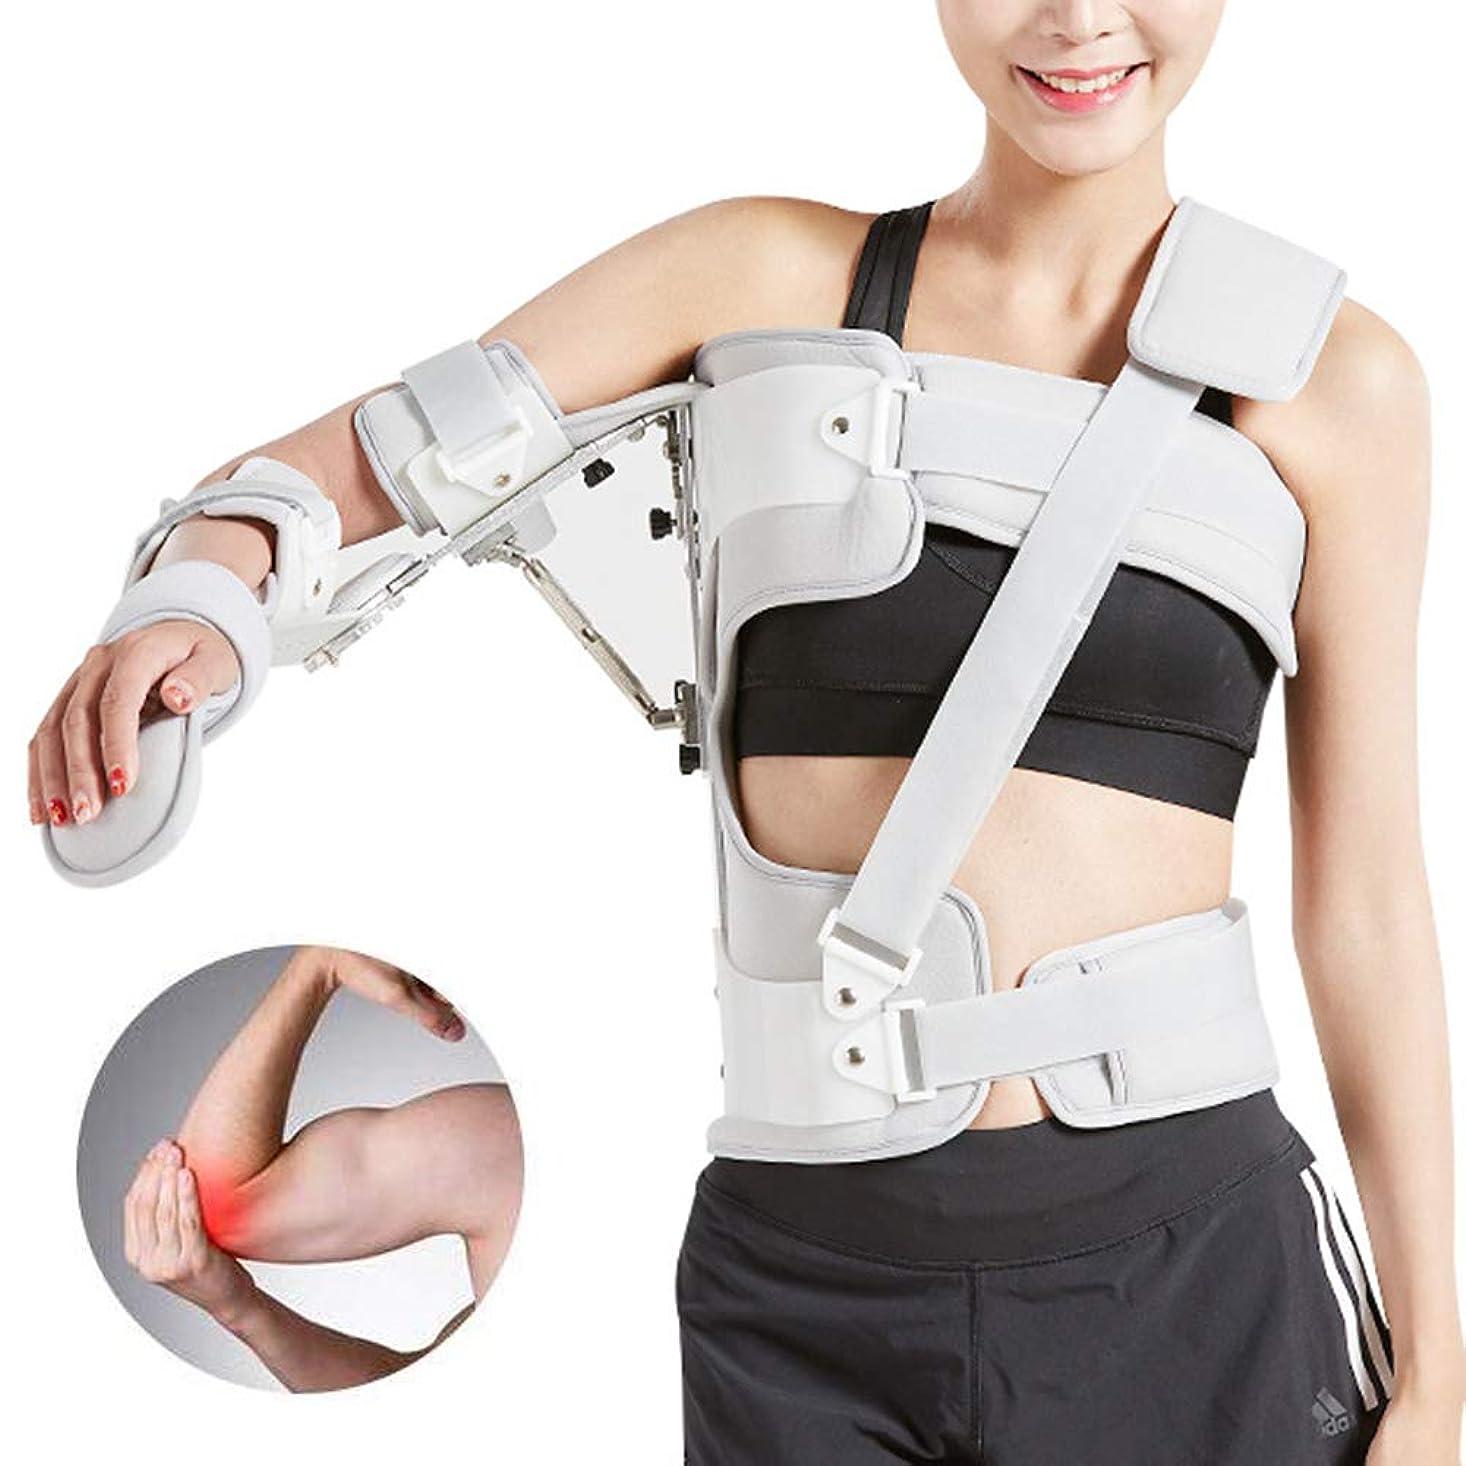 空いている硬さ気晴らし調節可能なアームスリング外転枕骨折肘サポートブレース、傷害回復アーム固定、転位回旋腱板滑液包炎腱炎、ワンサイズ - ユニセックス